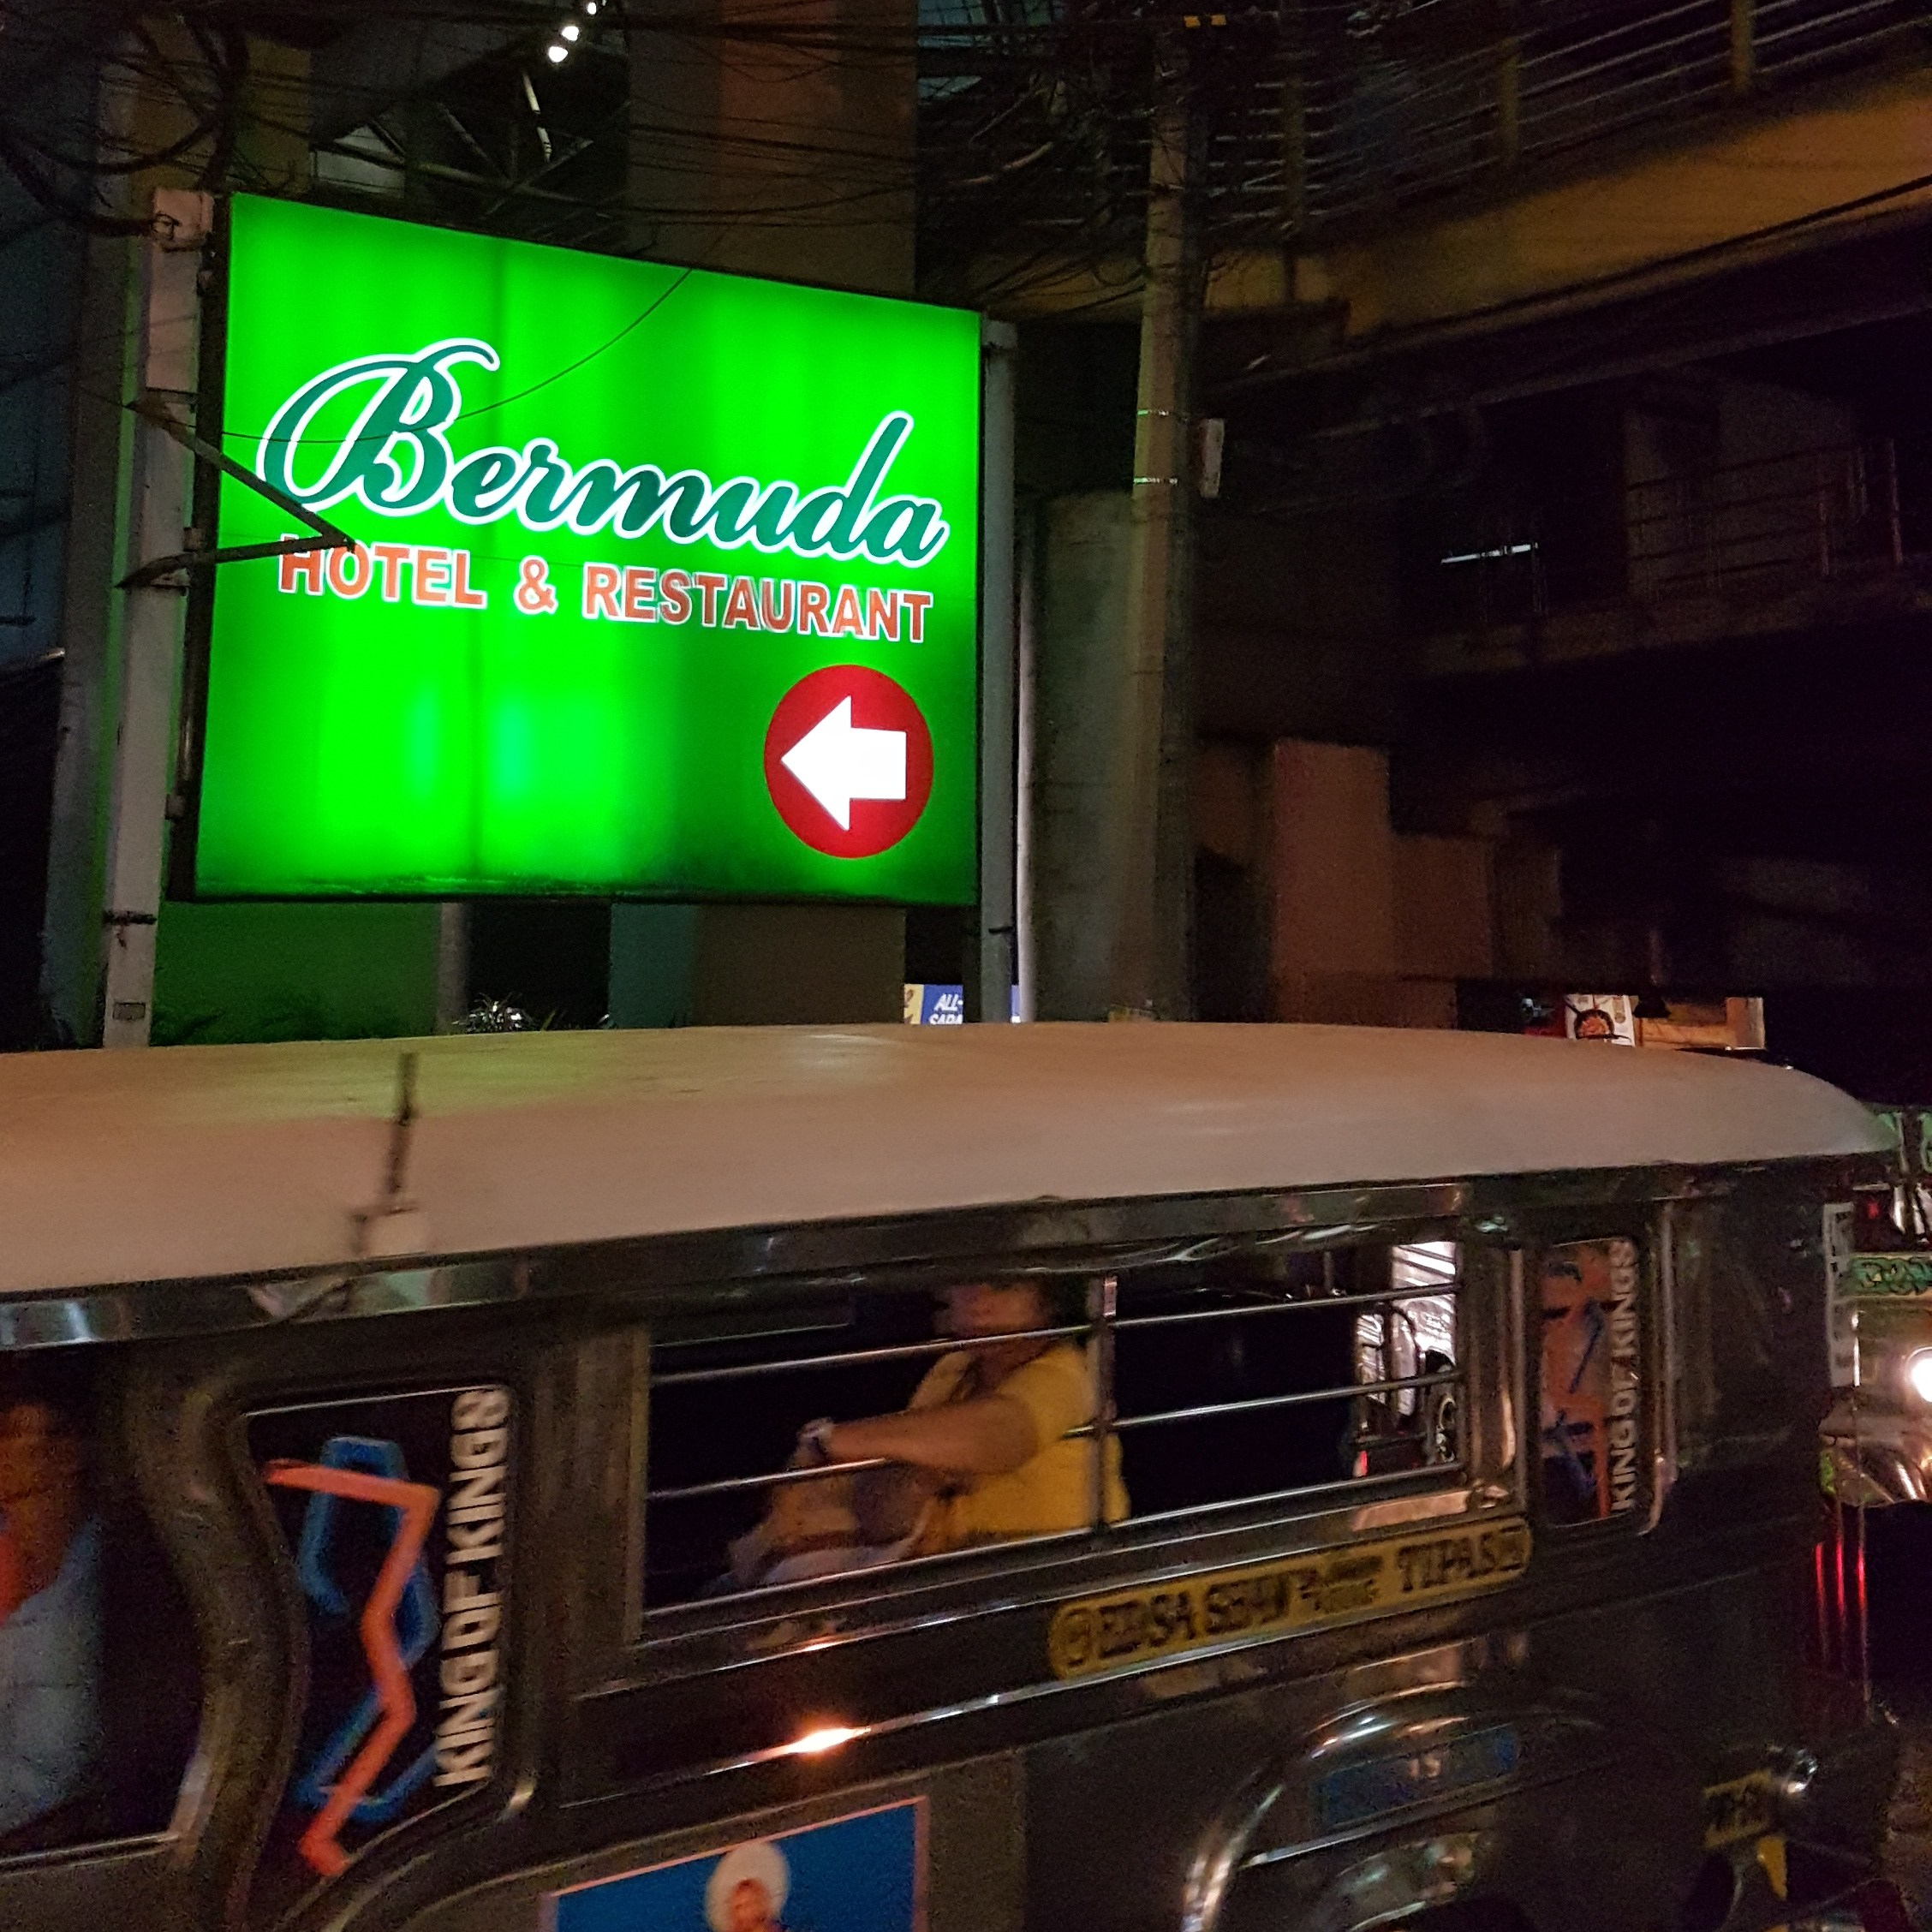 20170328_185311 bermuda sign